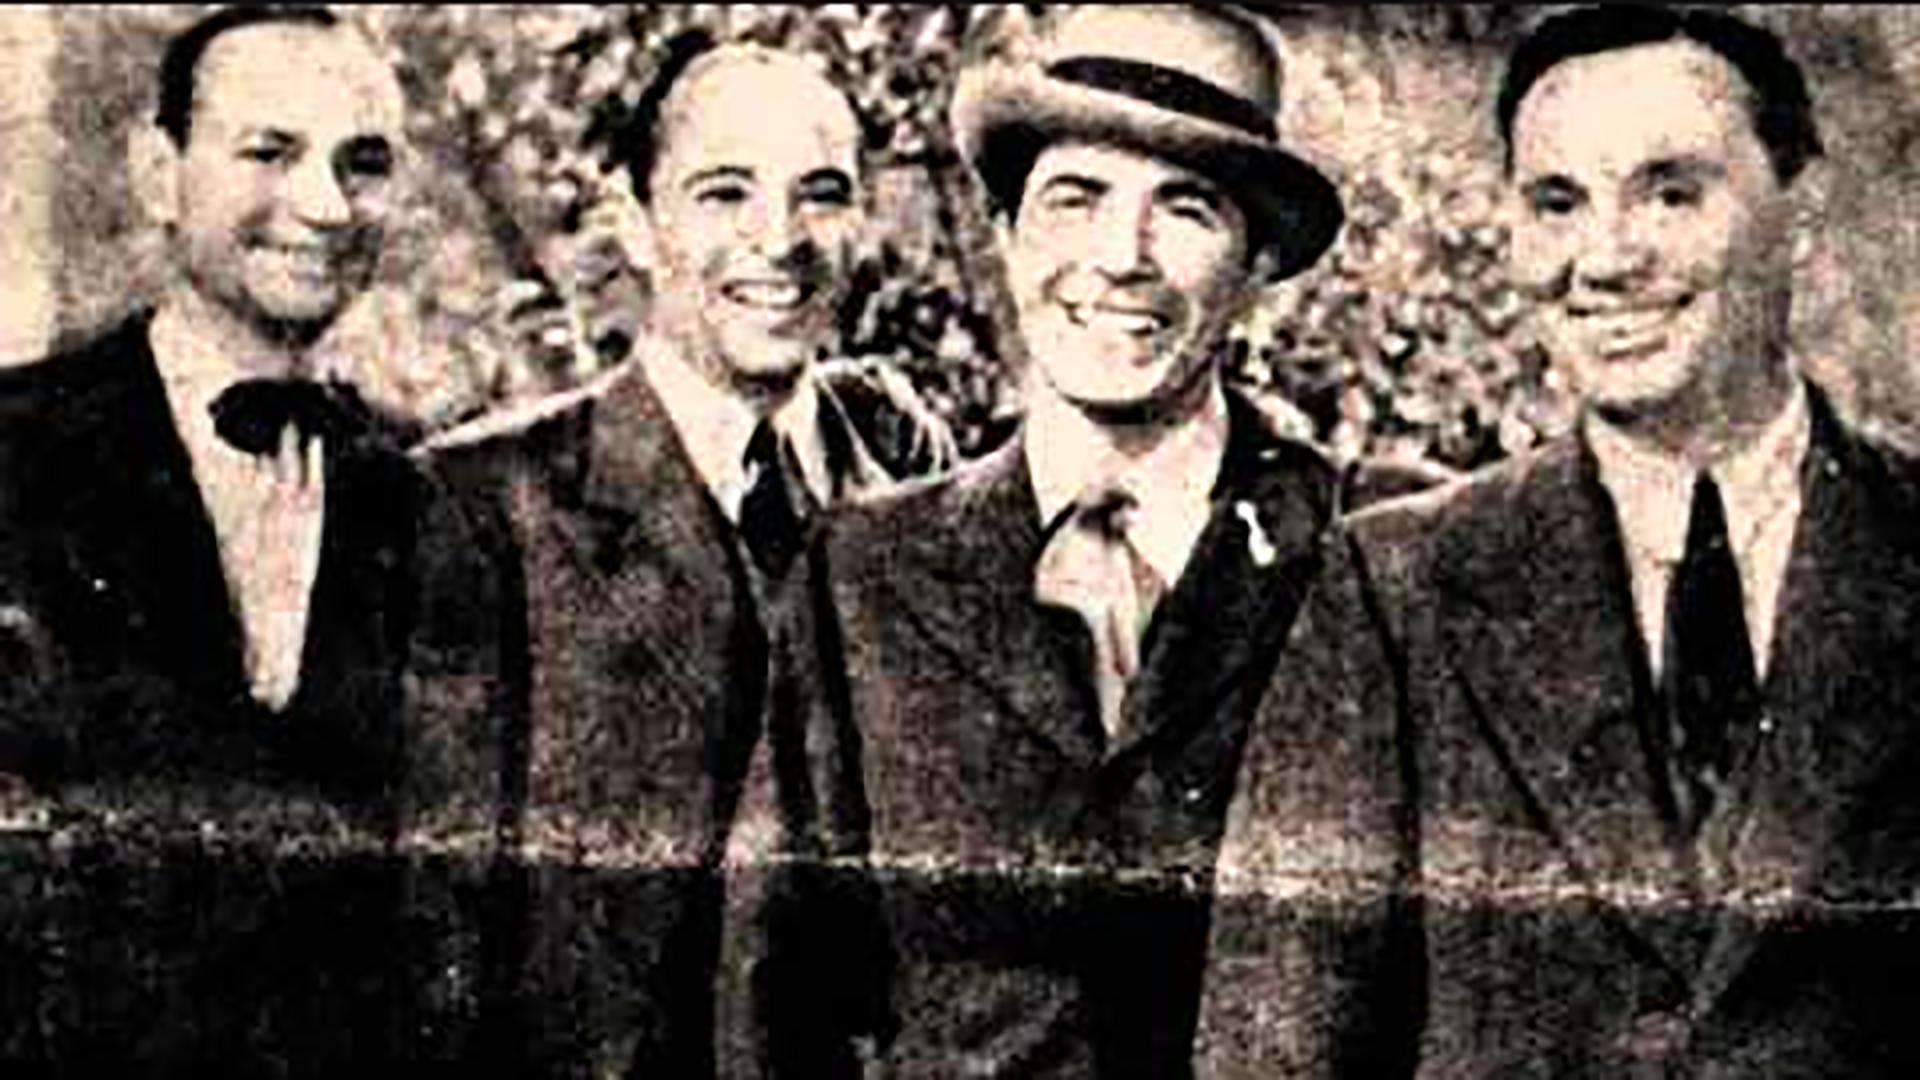 En 1930 Gardel graba la segunda versión de Mi noche triste y define al tango. En la foto posa junto a Guillermo Barbieri, José María Aguilar y Ángel Domingo Rivero, sus músicos.